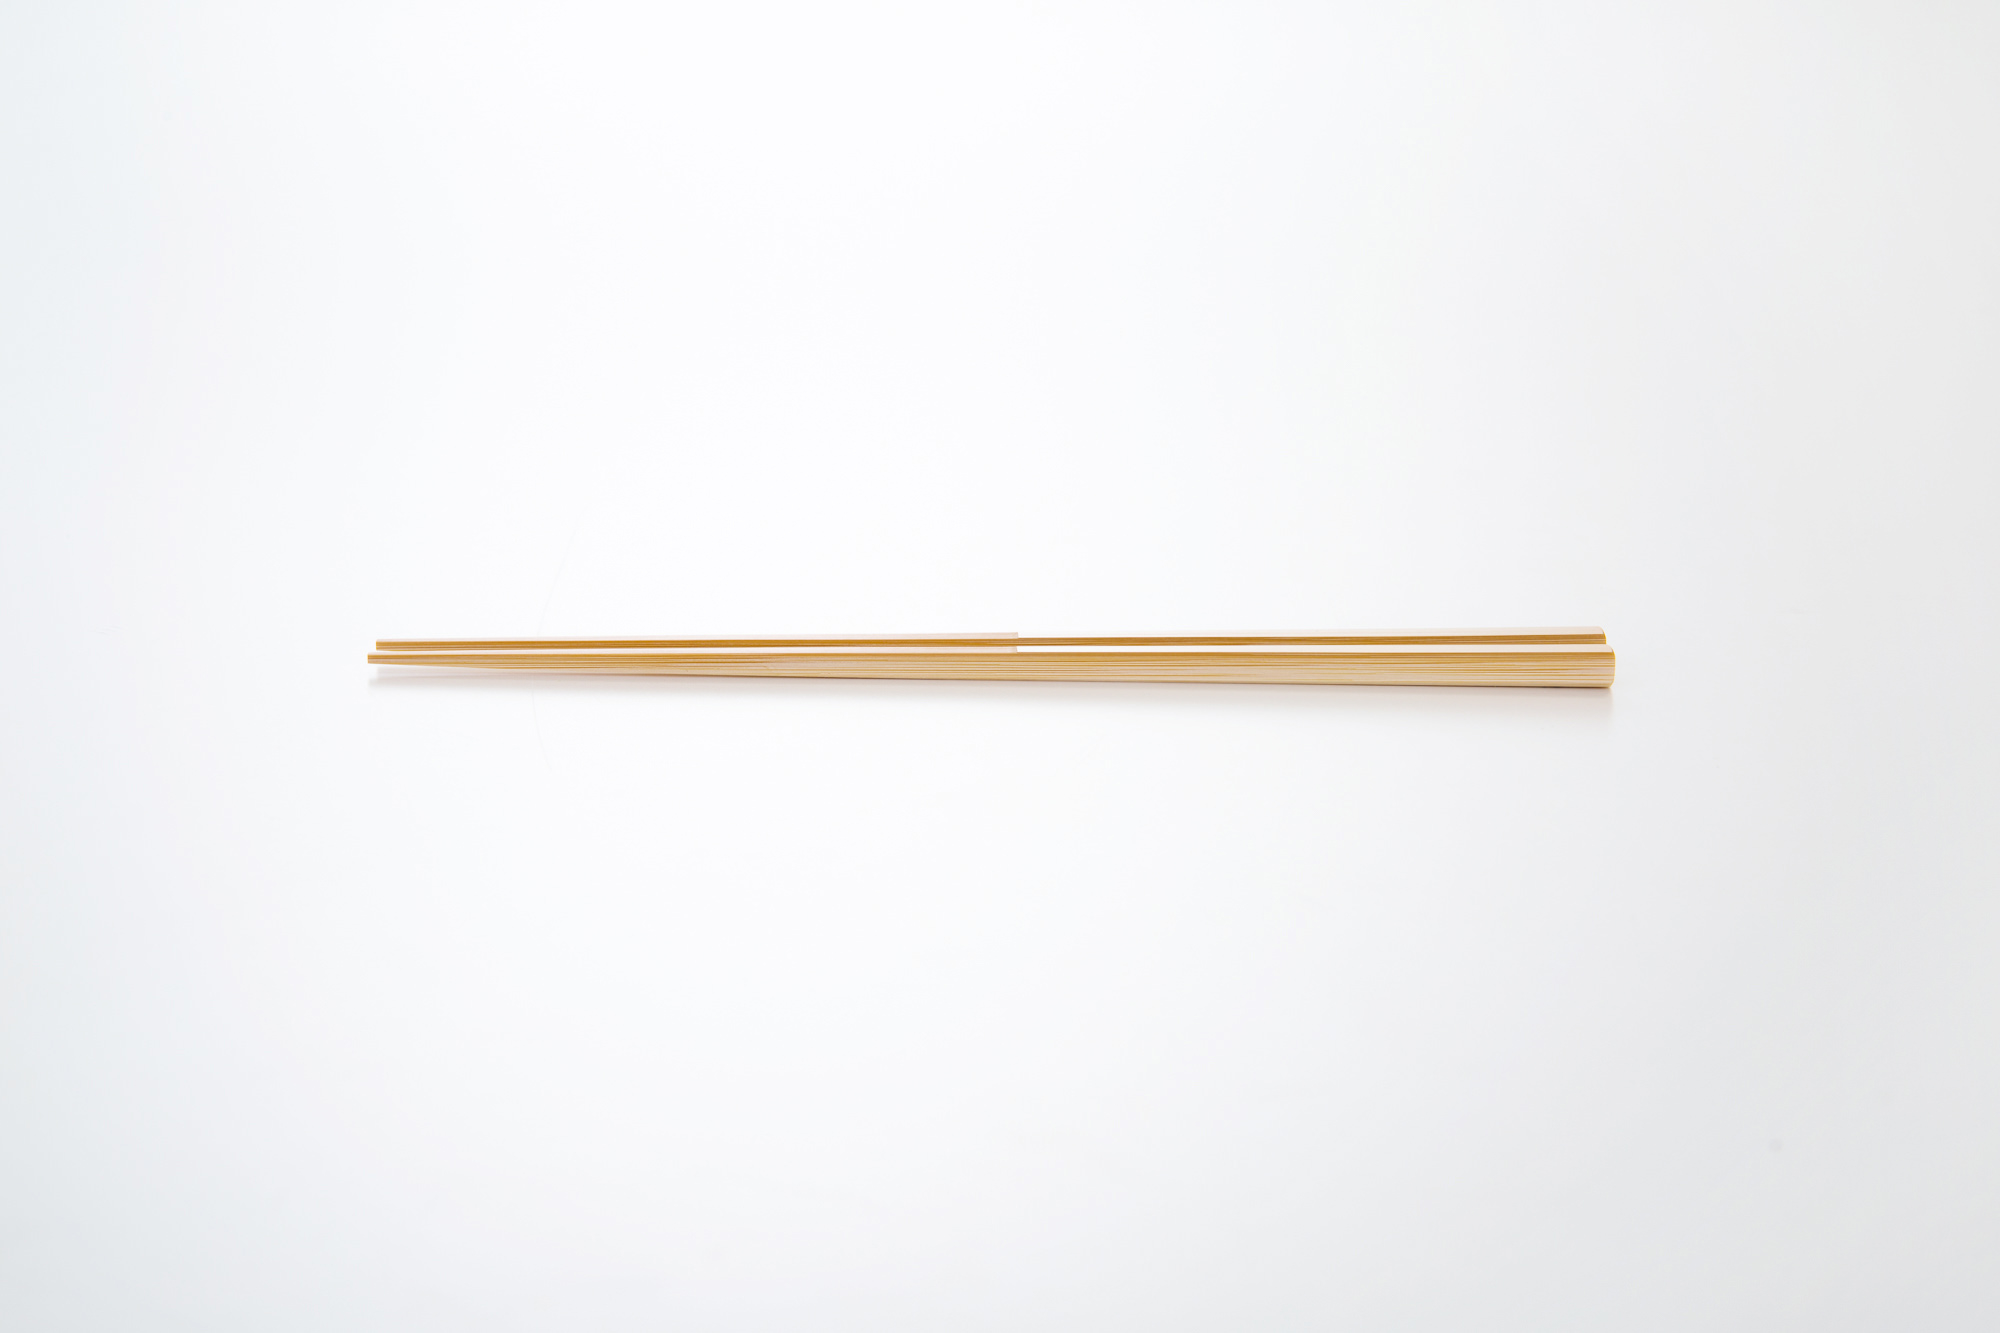 萬箸-23